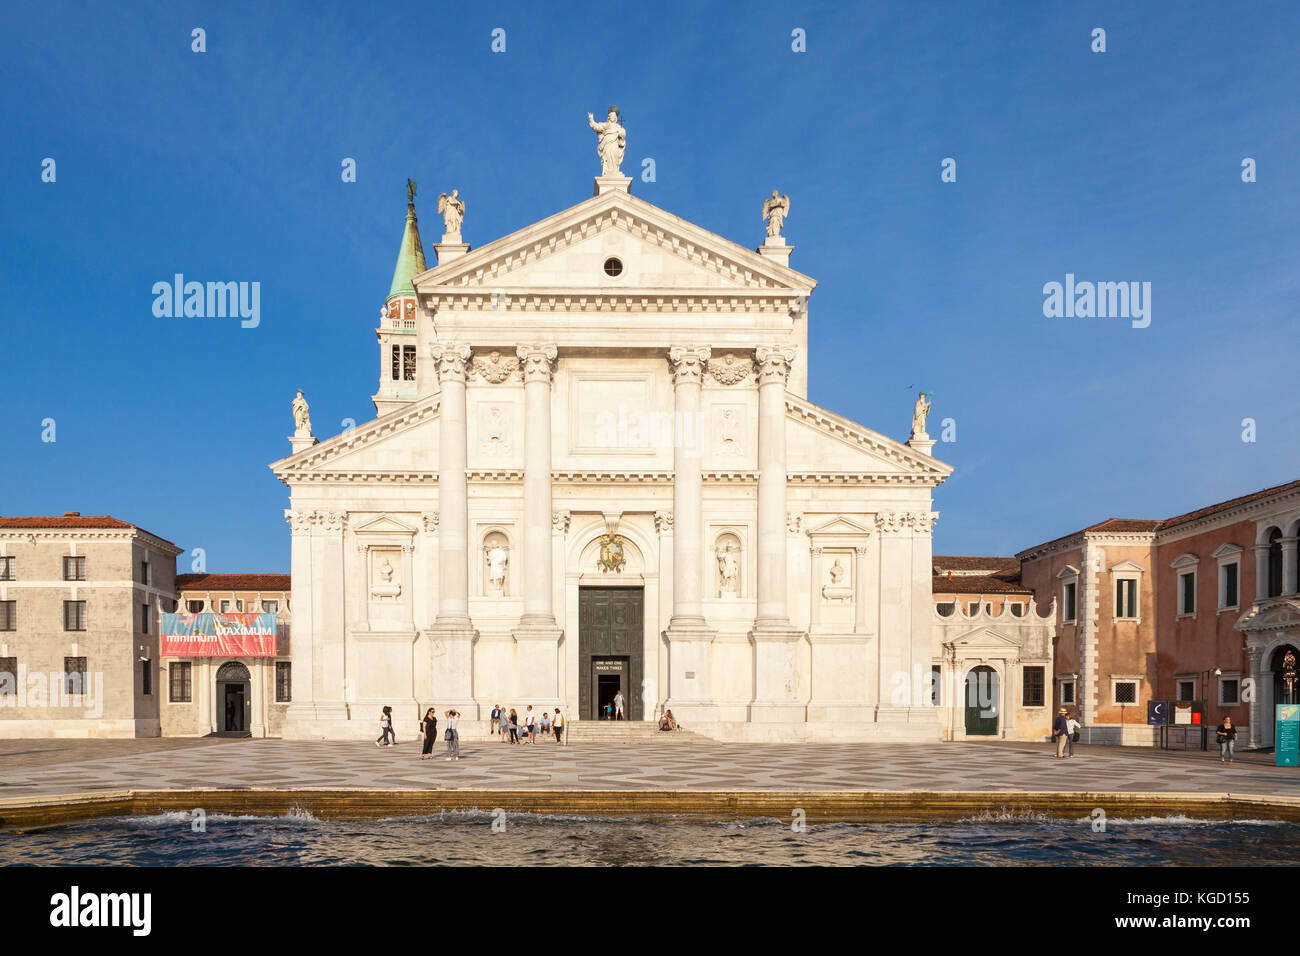 Fachada de la iglesia de San Giorgio Maggiore, diseñada por Palladio en Isola San Giorgio Maggiore, Venecia, Italia al atardecer. Los turistas en la explanada Foto de stock